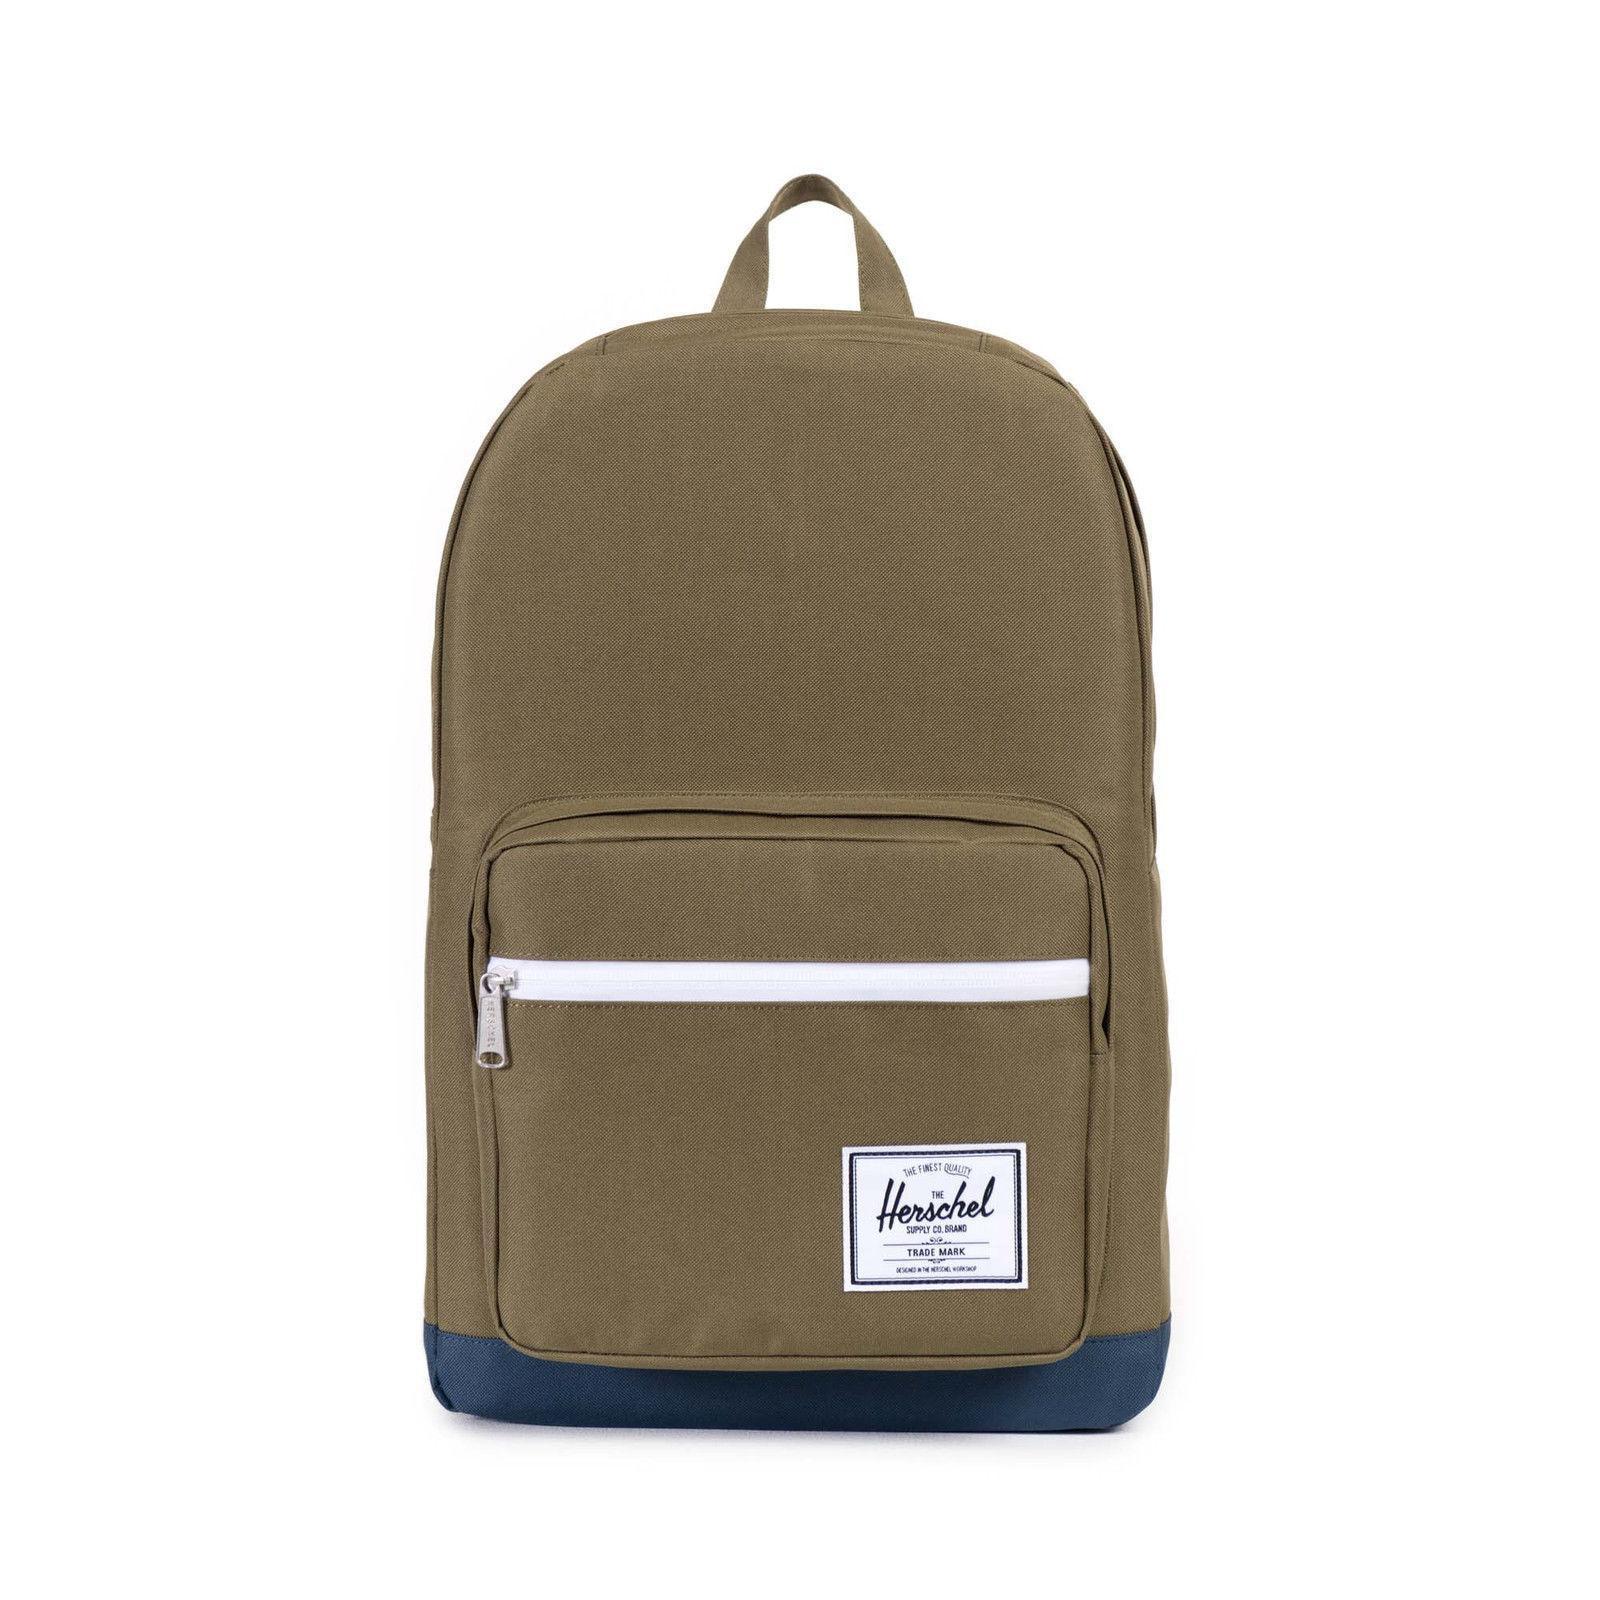 ad6afd7dc18  Herschel Supply Co.  Waterproof Pop Quiz 22L UNISEX Laptop Backpack